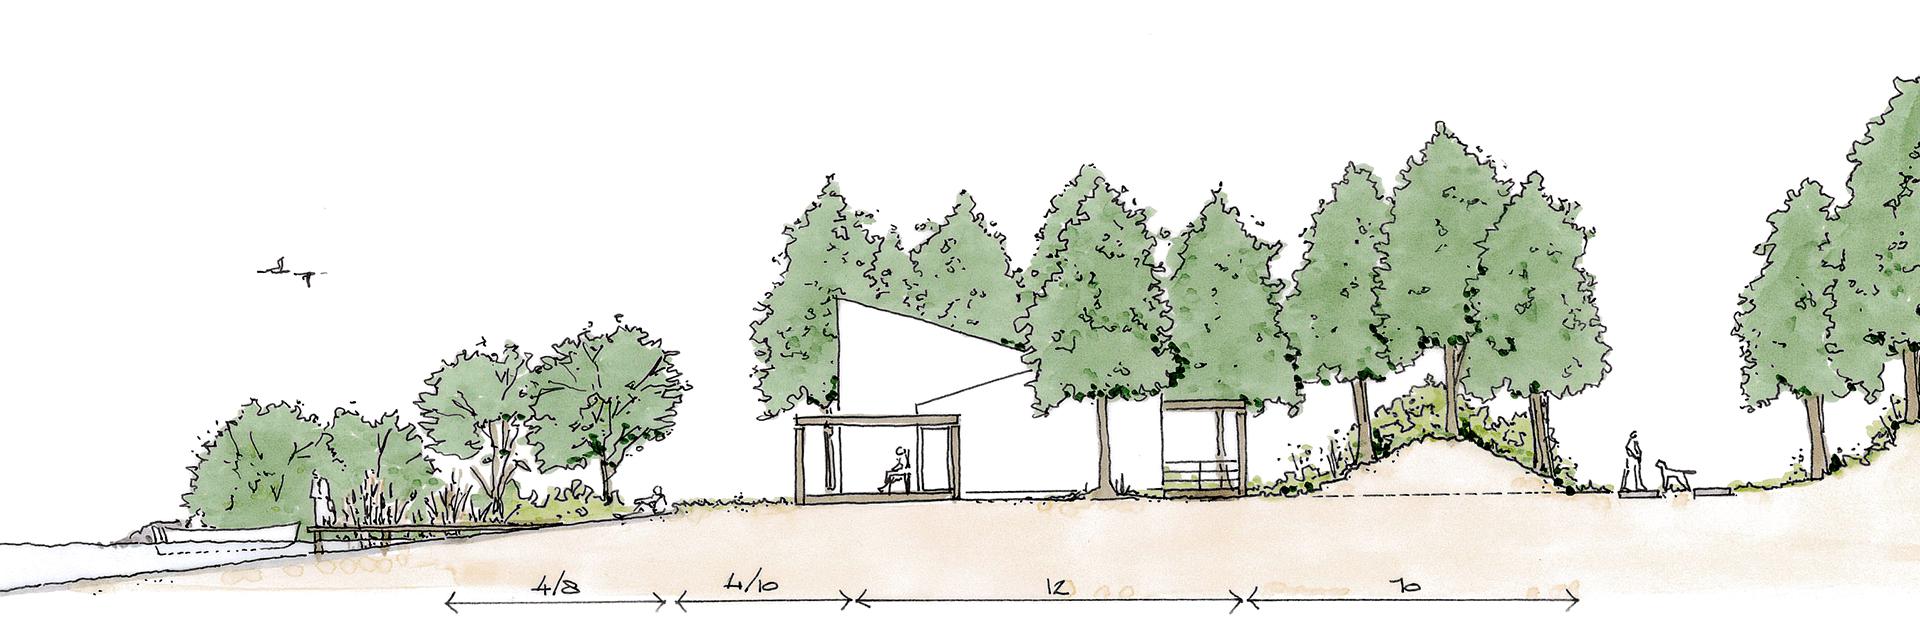 Ter Hills Holiday Resort (België) - architectuur planconcept schets vakantiewoningen doorsnede